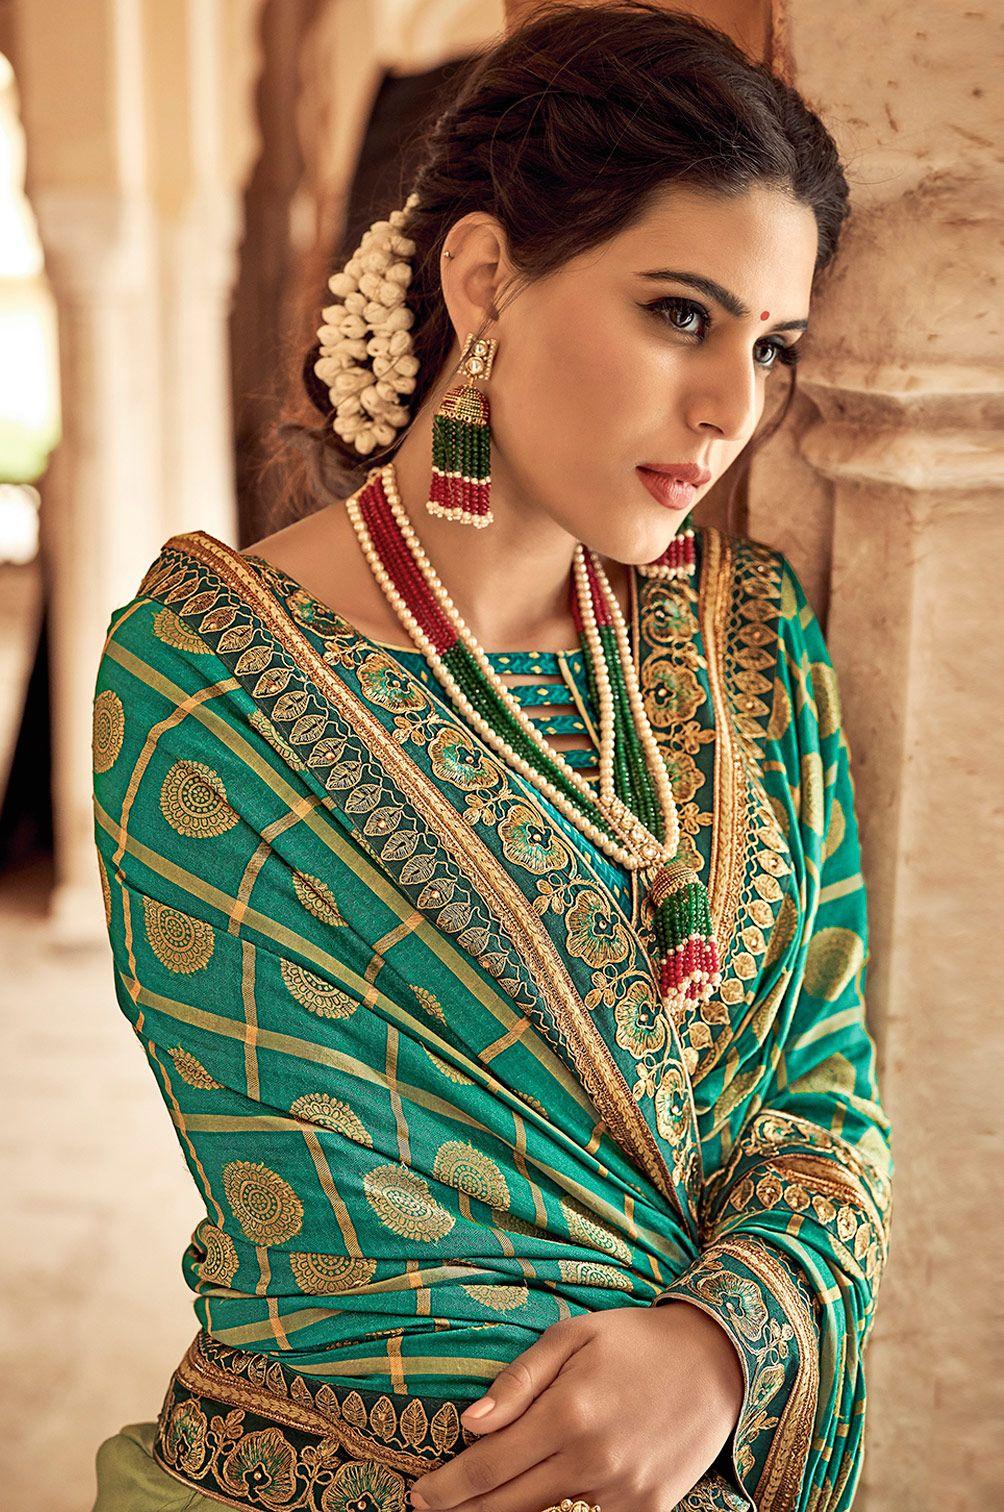 woven pallu designers saree Chanderi handloom silk saree saree blouse bridal saree jecard weaving saree green saree women/'s saree